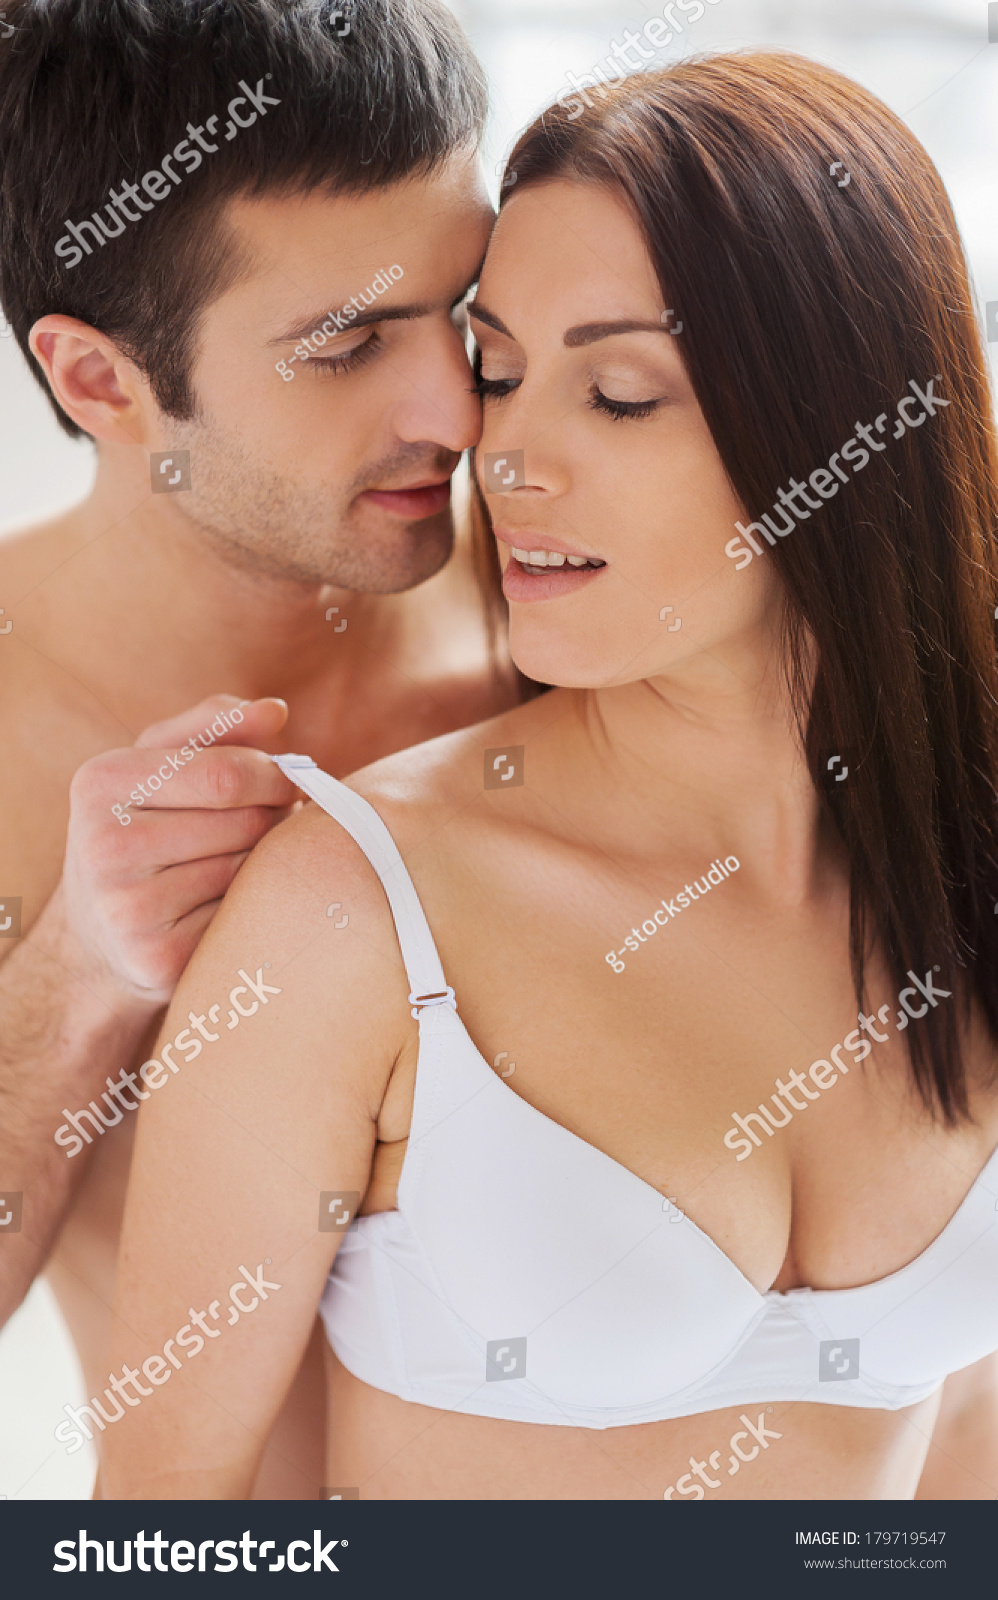 Teachar teen sex images